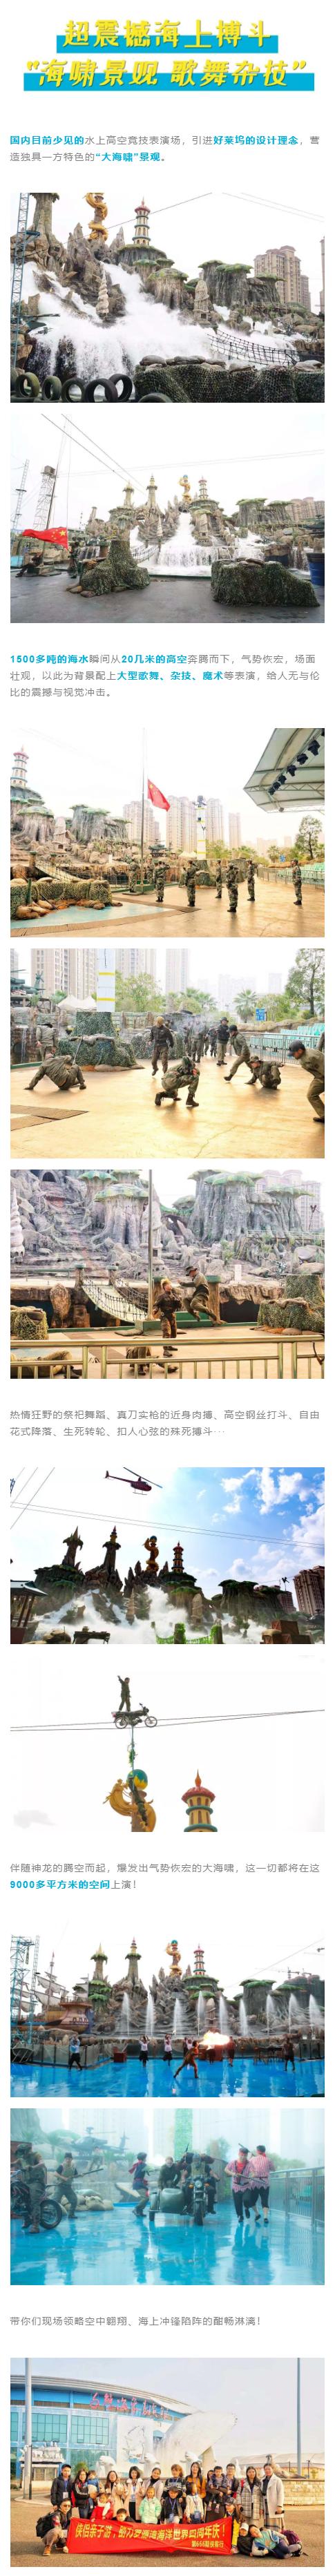 六一专场,三馆畅玩!福州罗源湾海洋世界门票 (6/1-6/2可用)